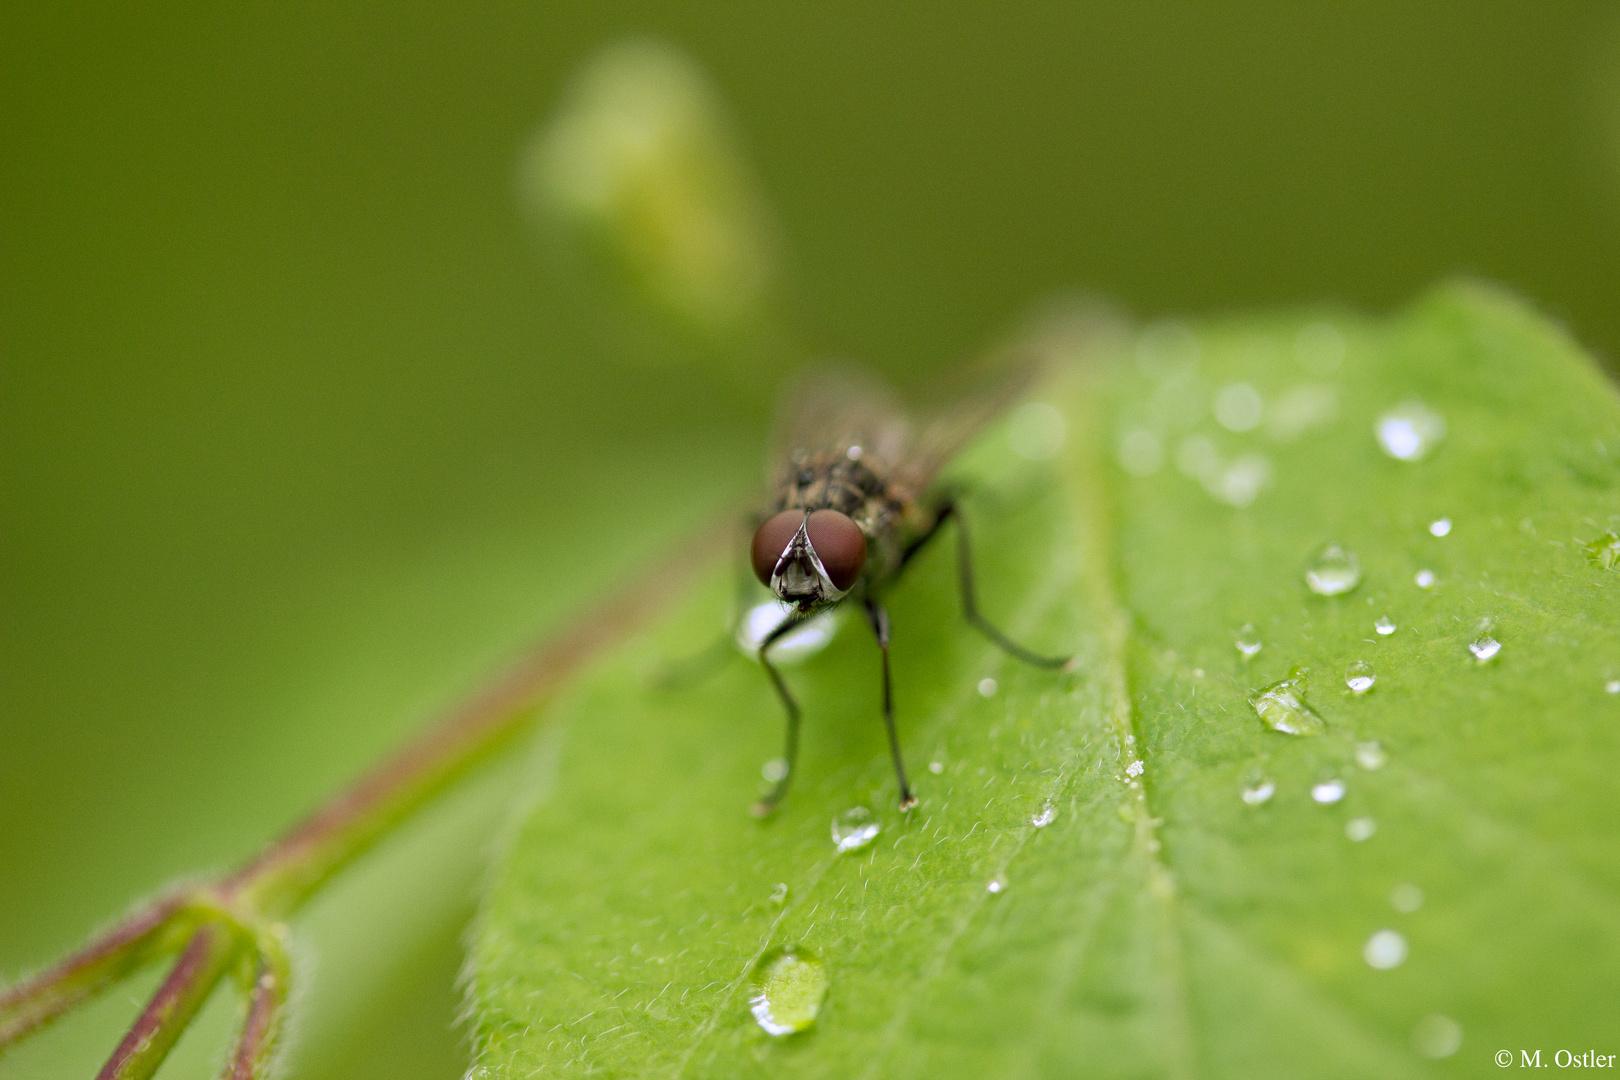 Der Blick einer Fliege... ;)